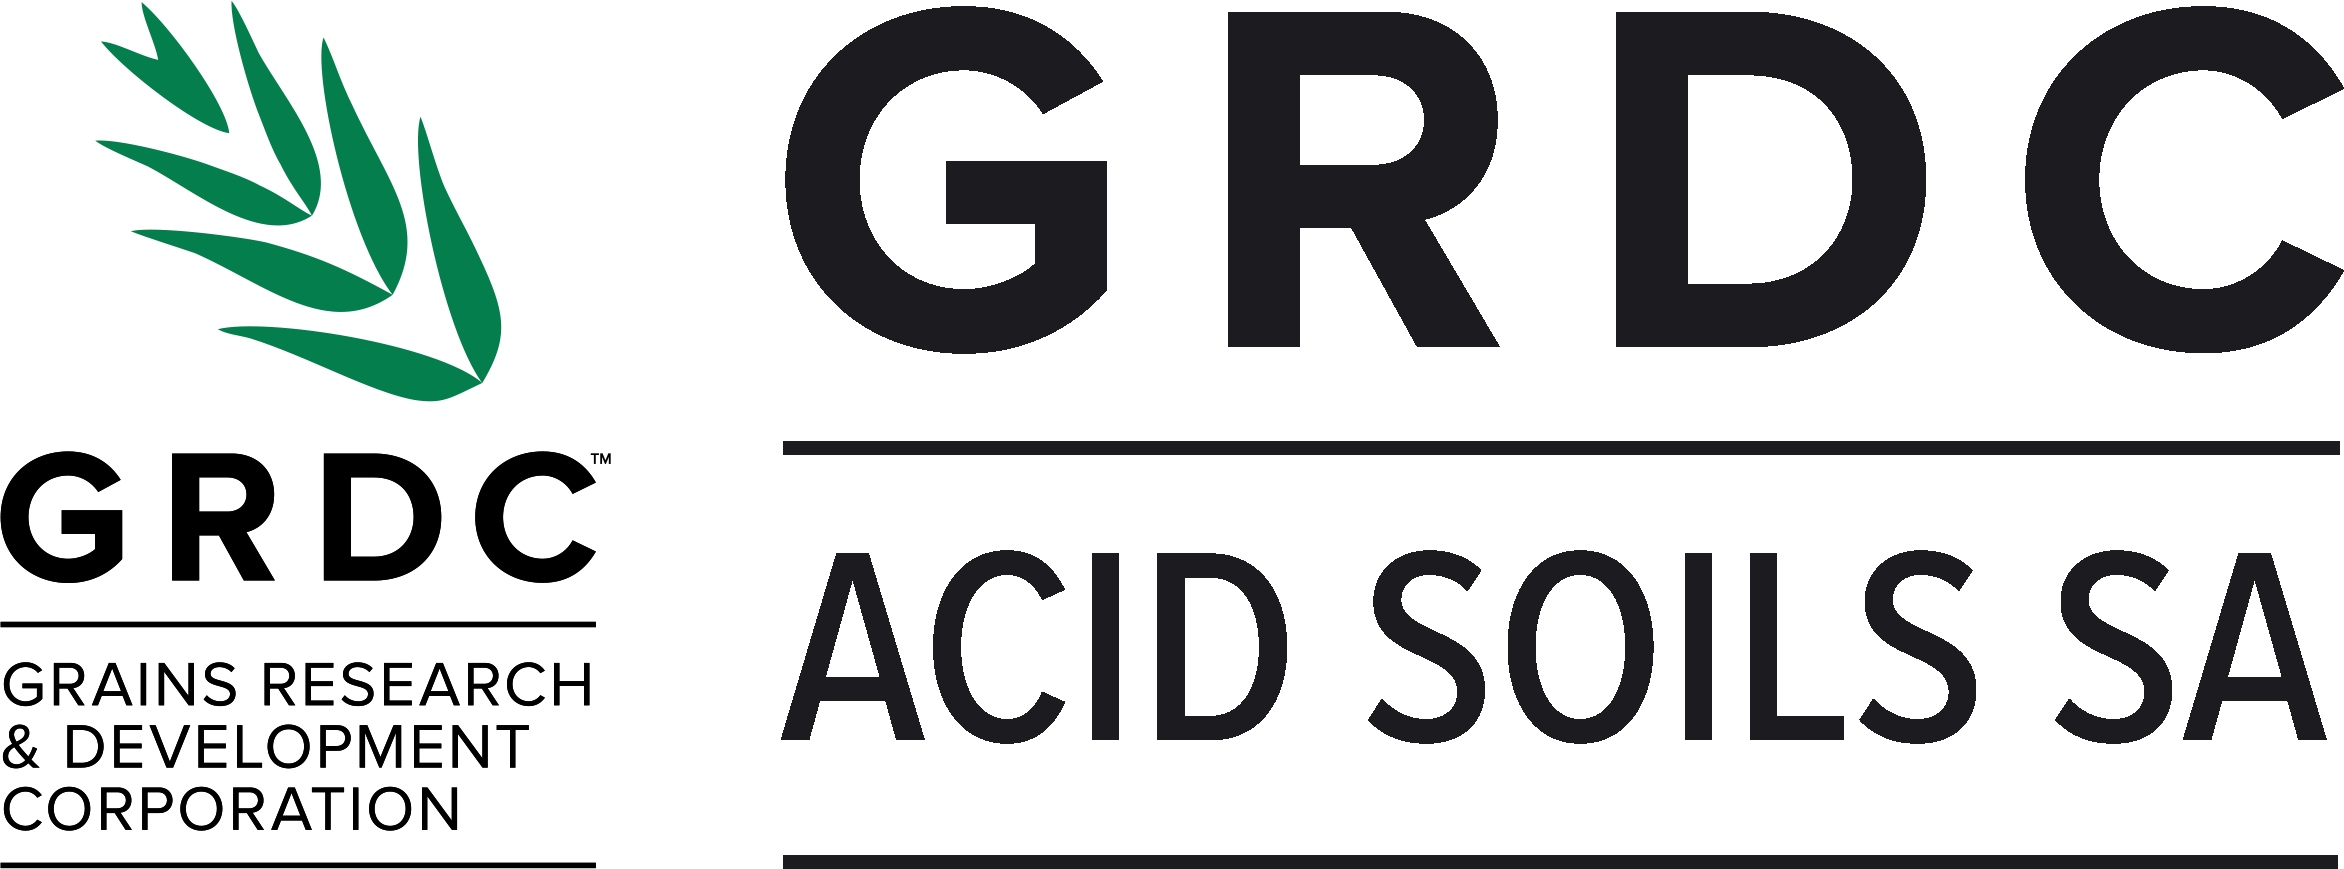 Acid Soils SA